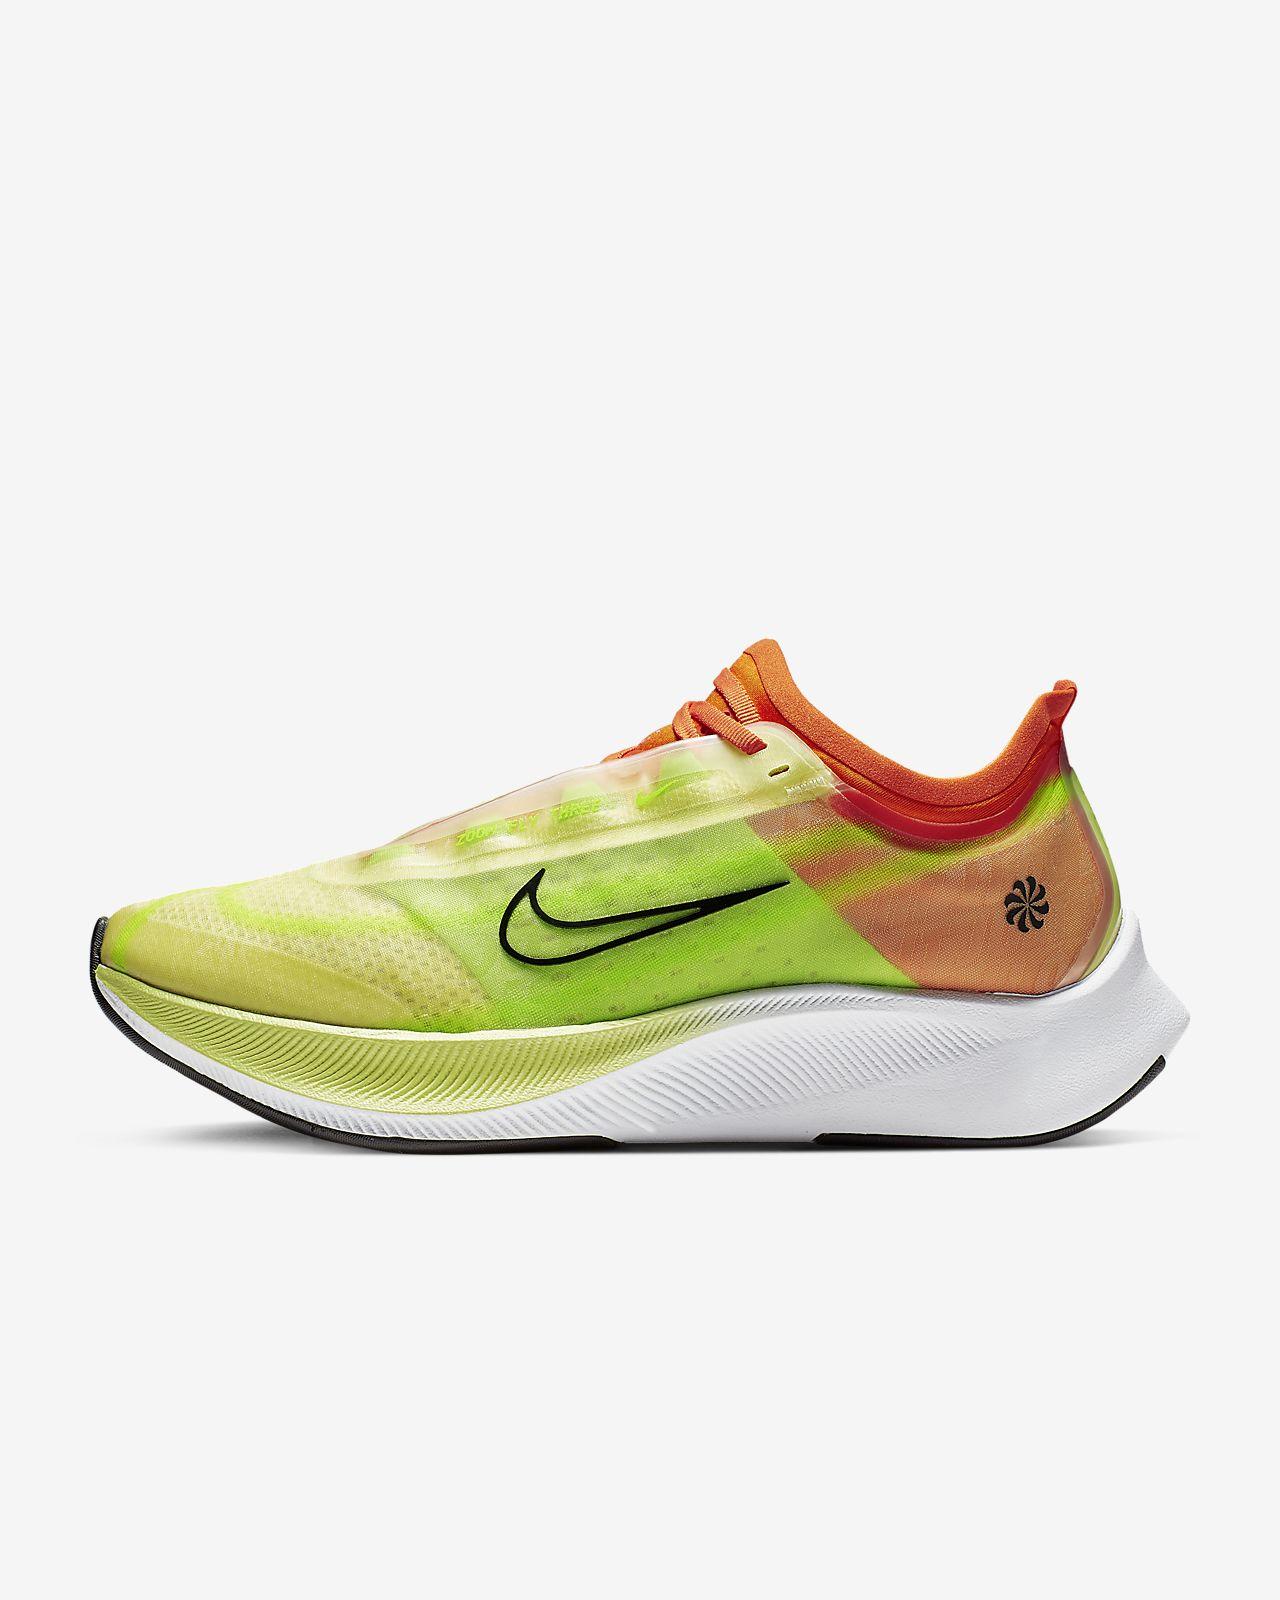 Löparsko Nike Zoom Fly 3 Rise för kvinnor